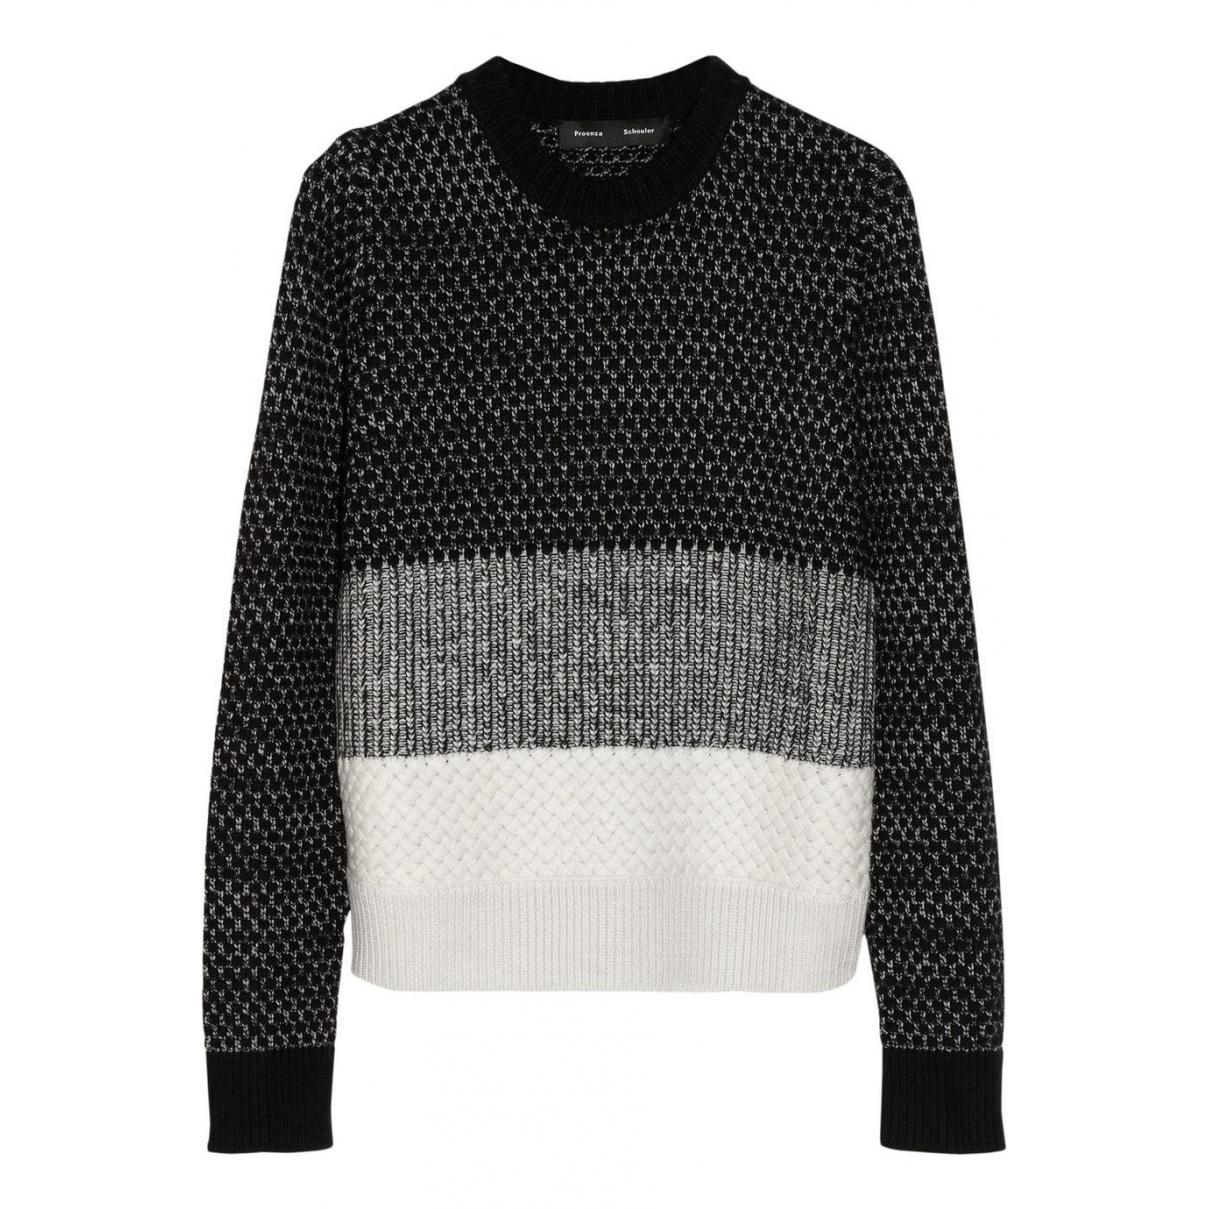 Proenza Schouler \N Black Wool Knitwear for Women M International